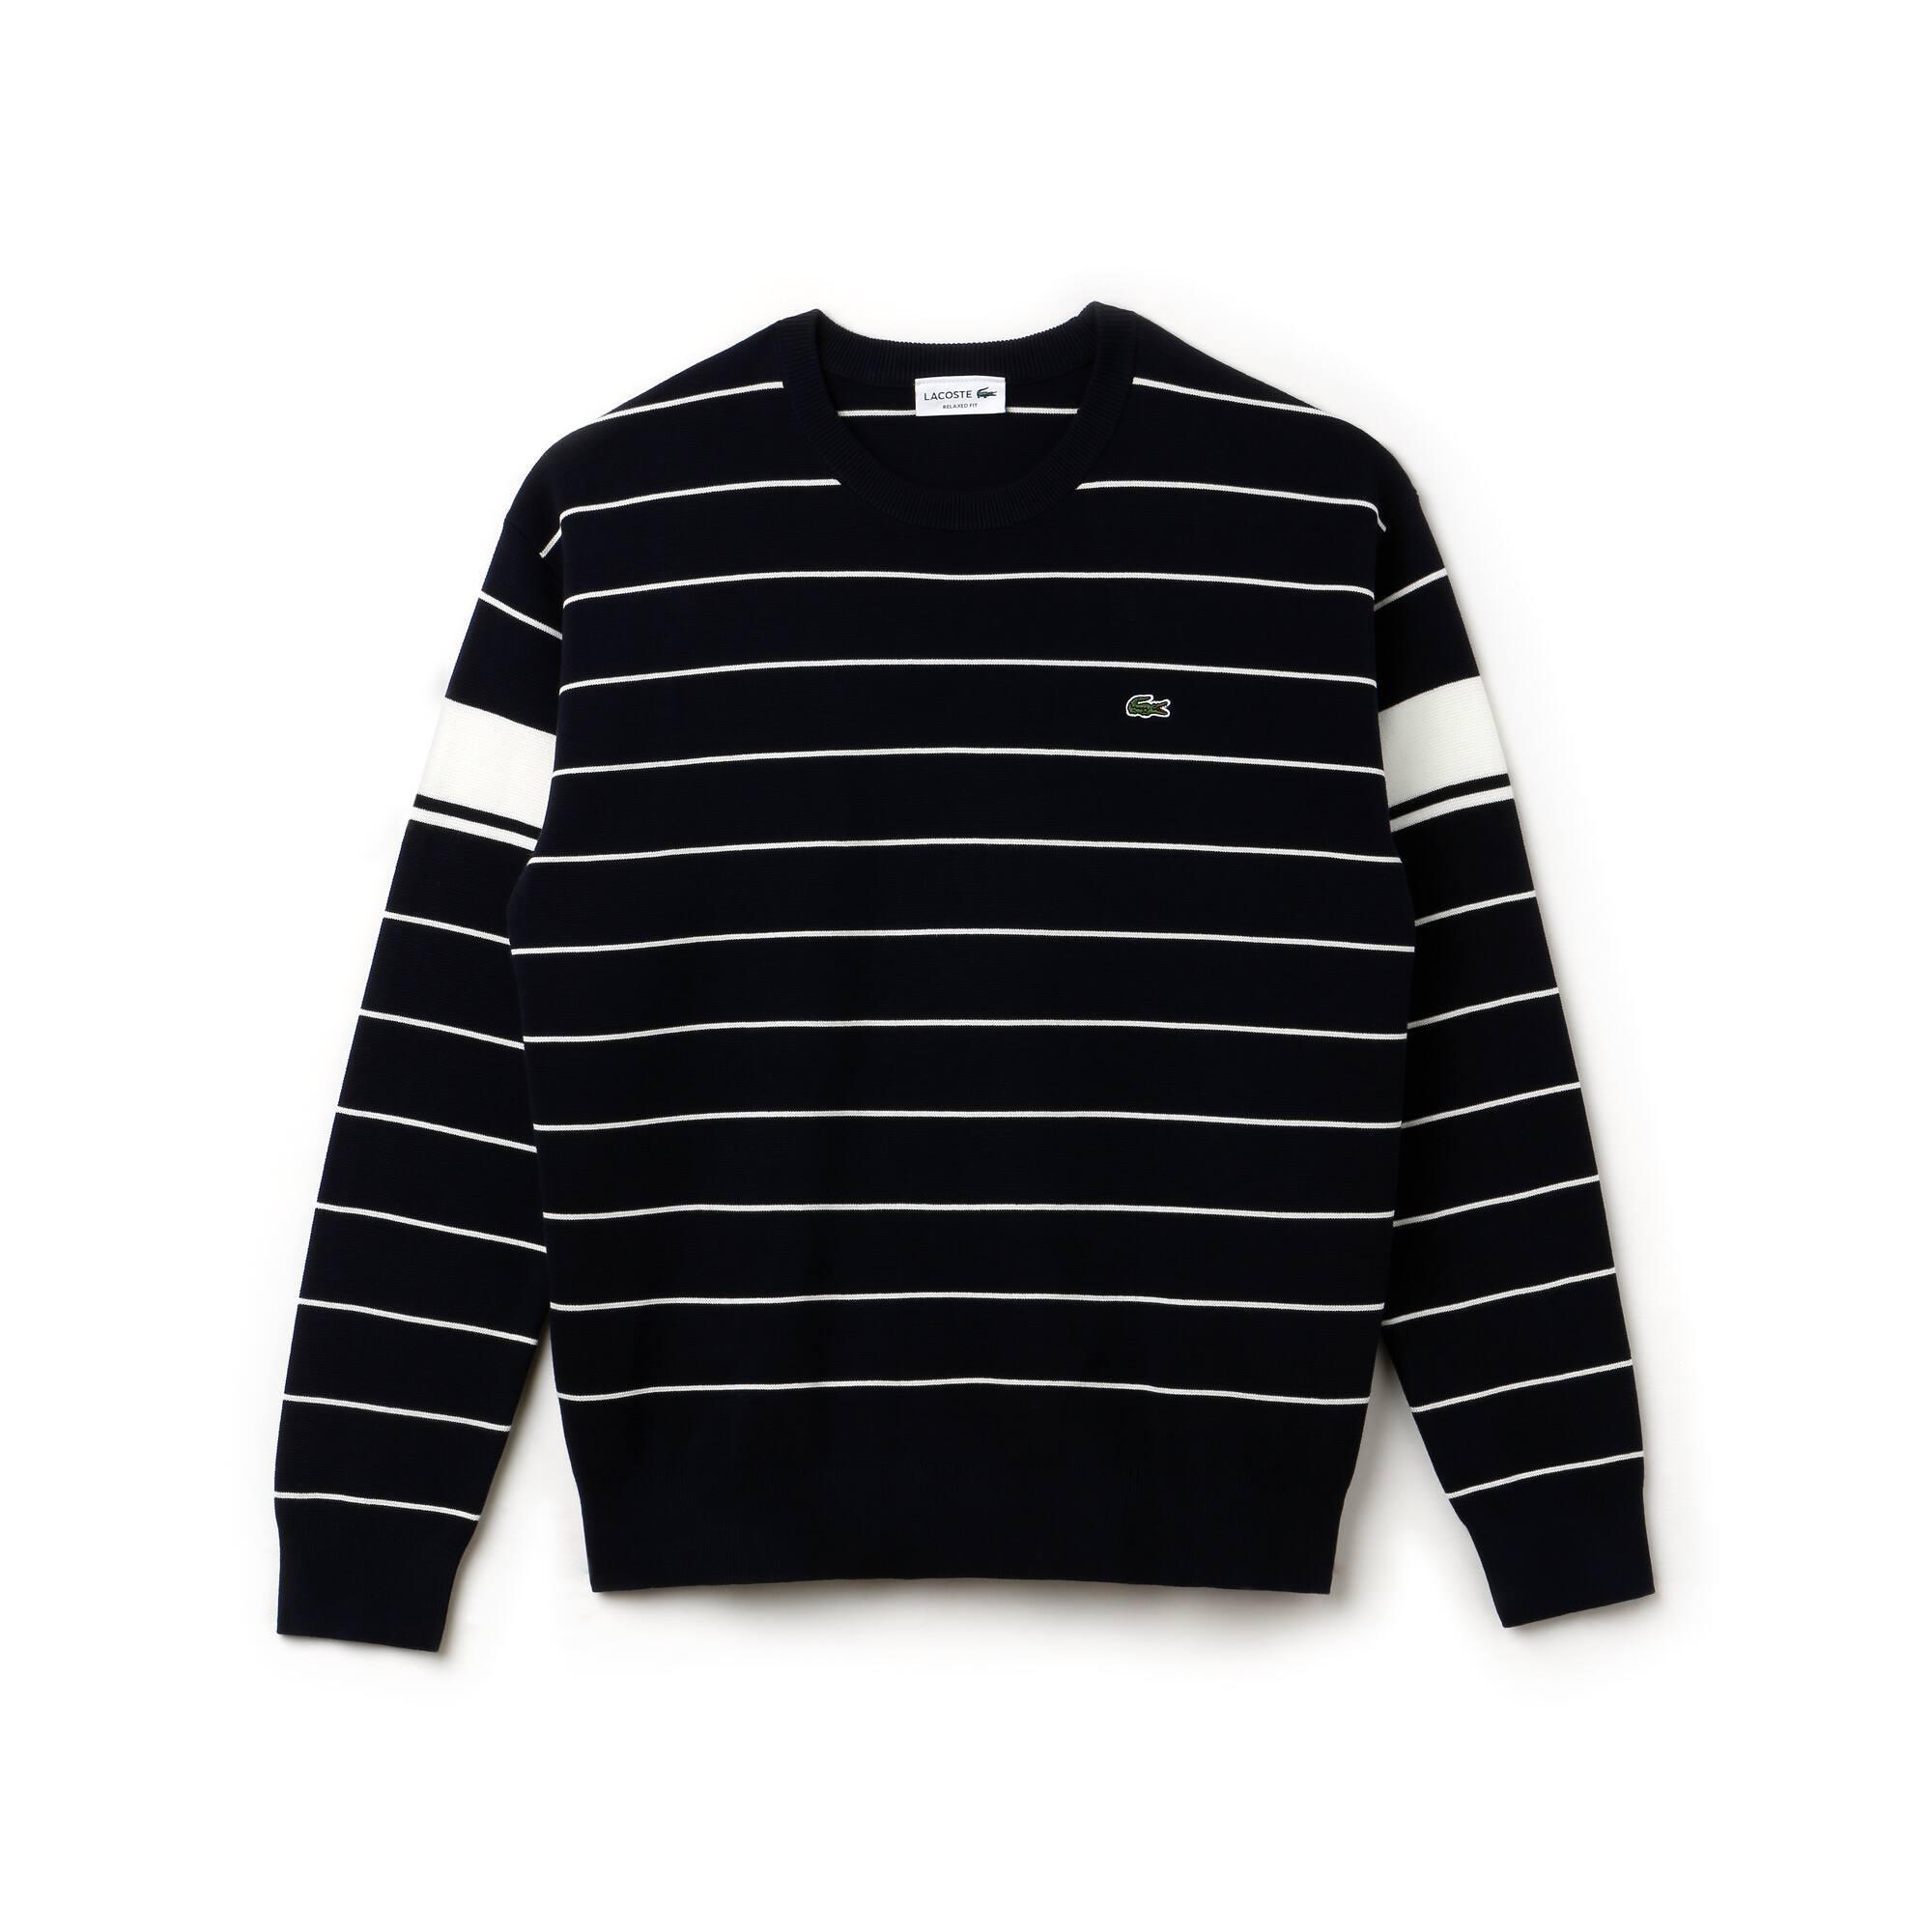 Camisola decote redondo em algodão milano às riscas com faixas a contrastar